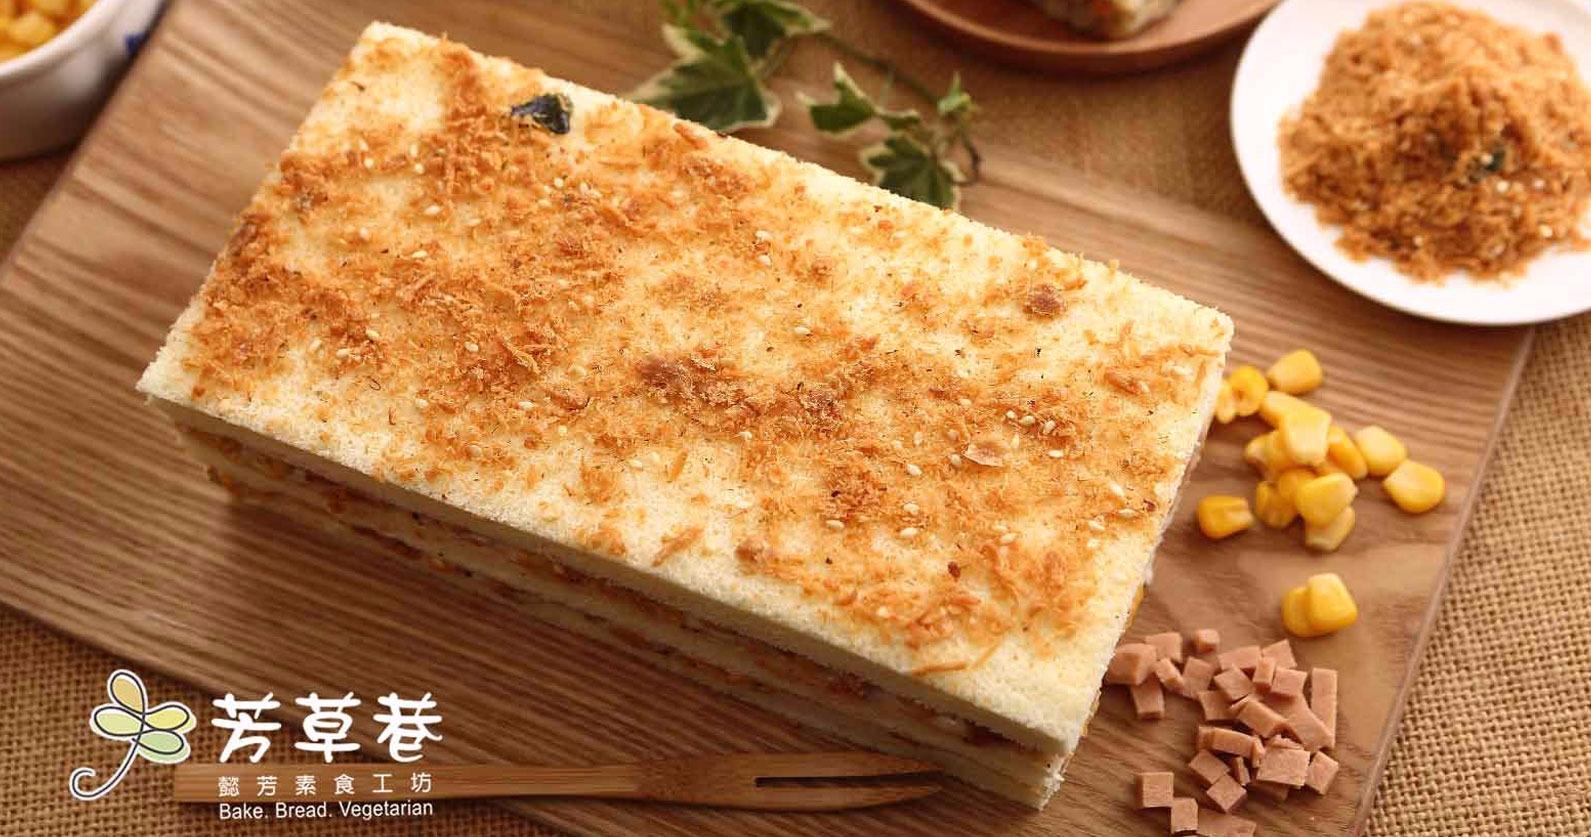 芳草巷手工熱門斑蘭蛋糕